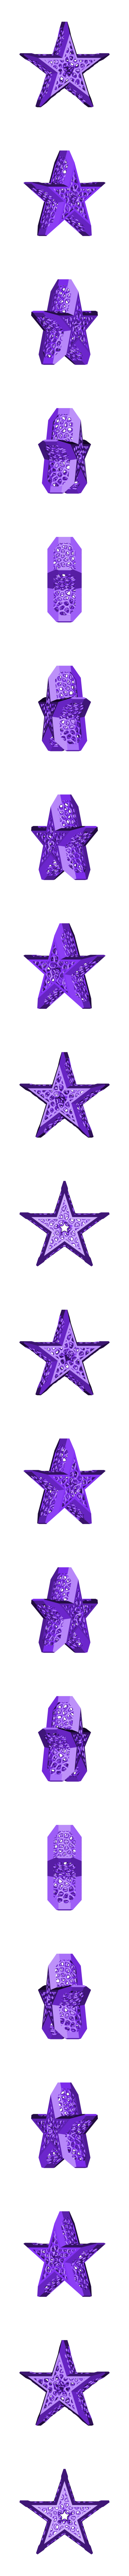 Star_Voronoi_Frame.STL Download free STL file Framed Voronoi Star • 3D printable template, inProgressDesigns